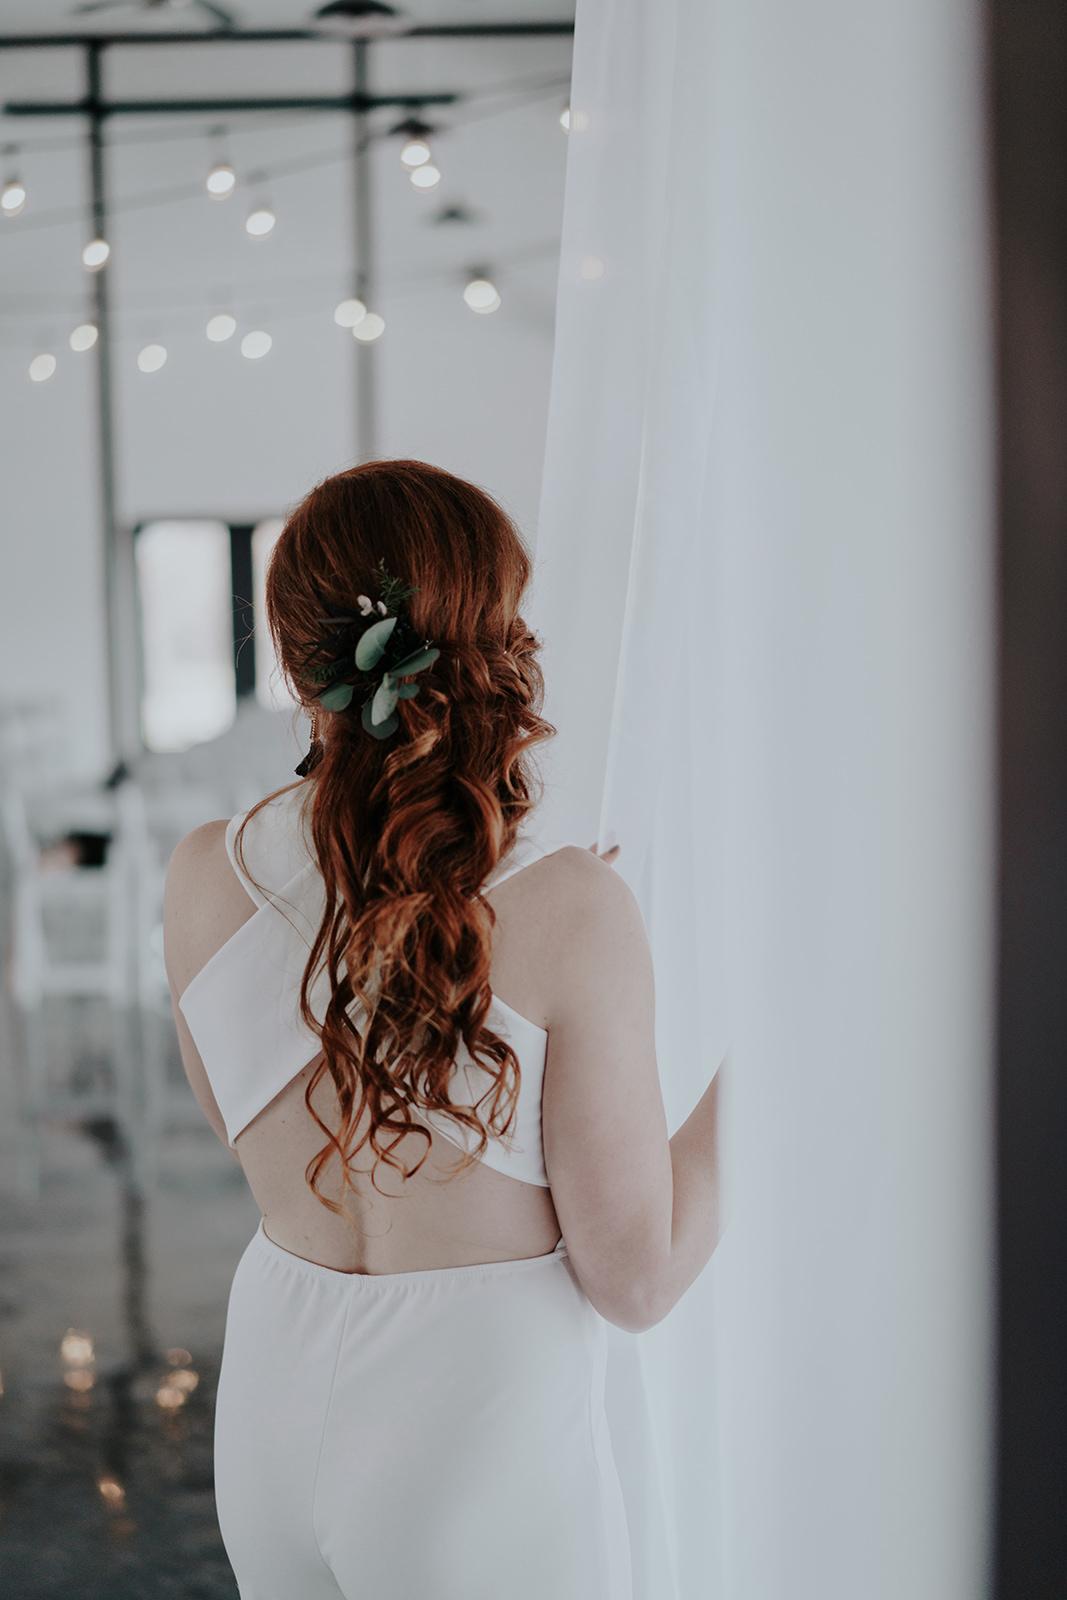 Dream Point Ranch Tulsa Wedding Venue Edgy Bride 1.jpg